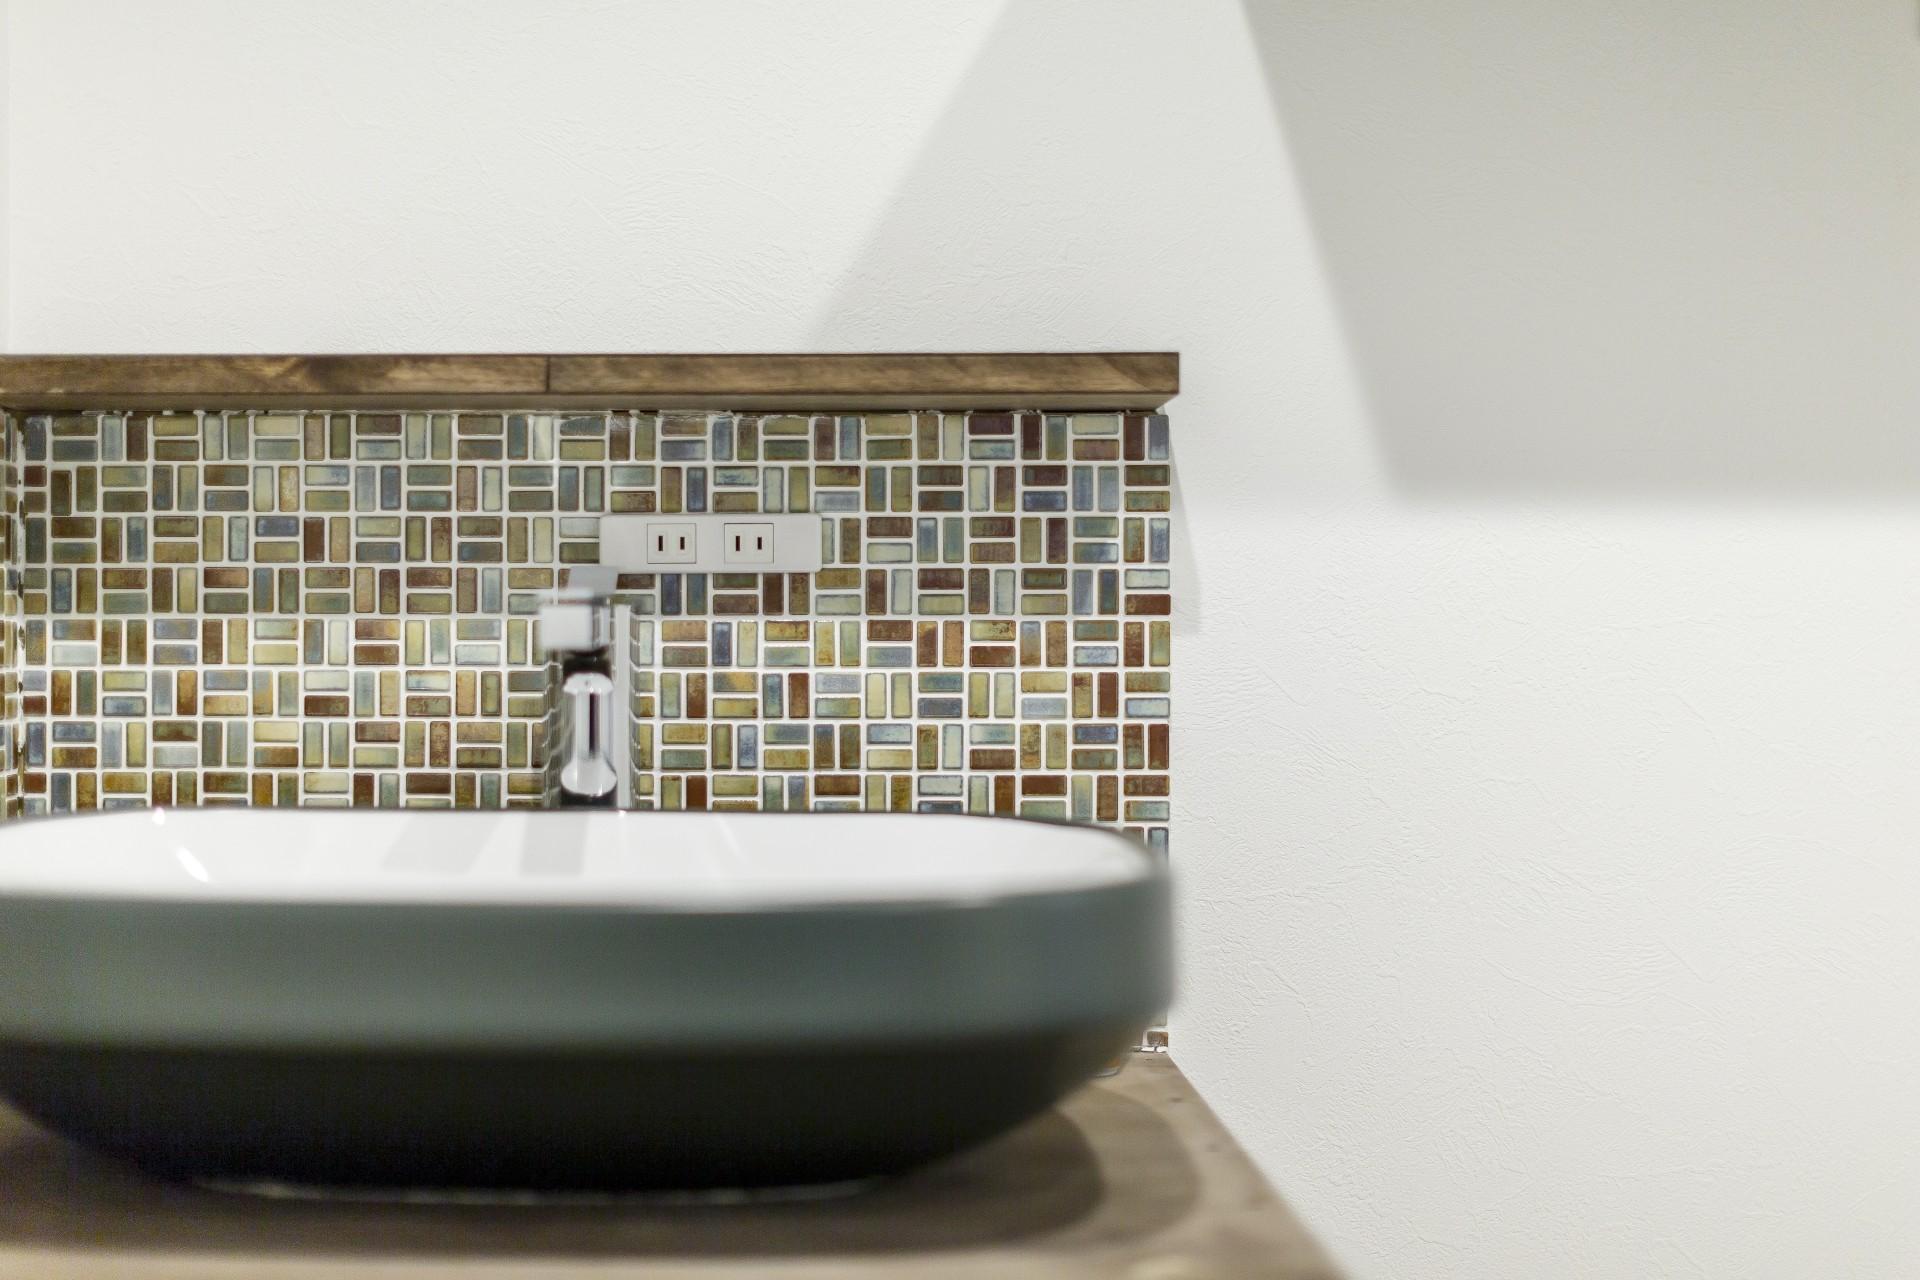 バス/トイレ事例:アクセントタイルのある洗面台(ファッションを楽しむご夫婦のための家)